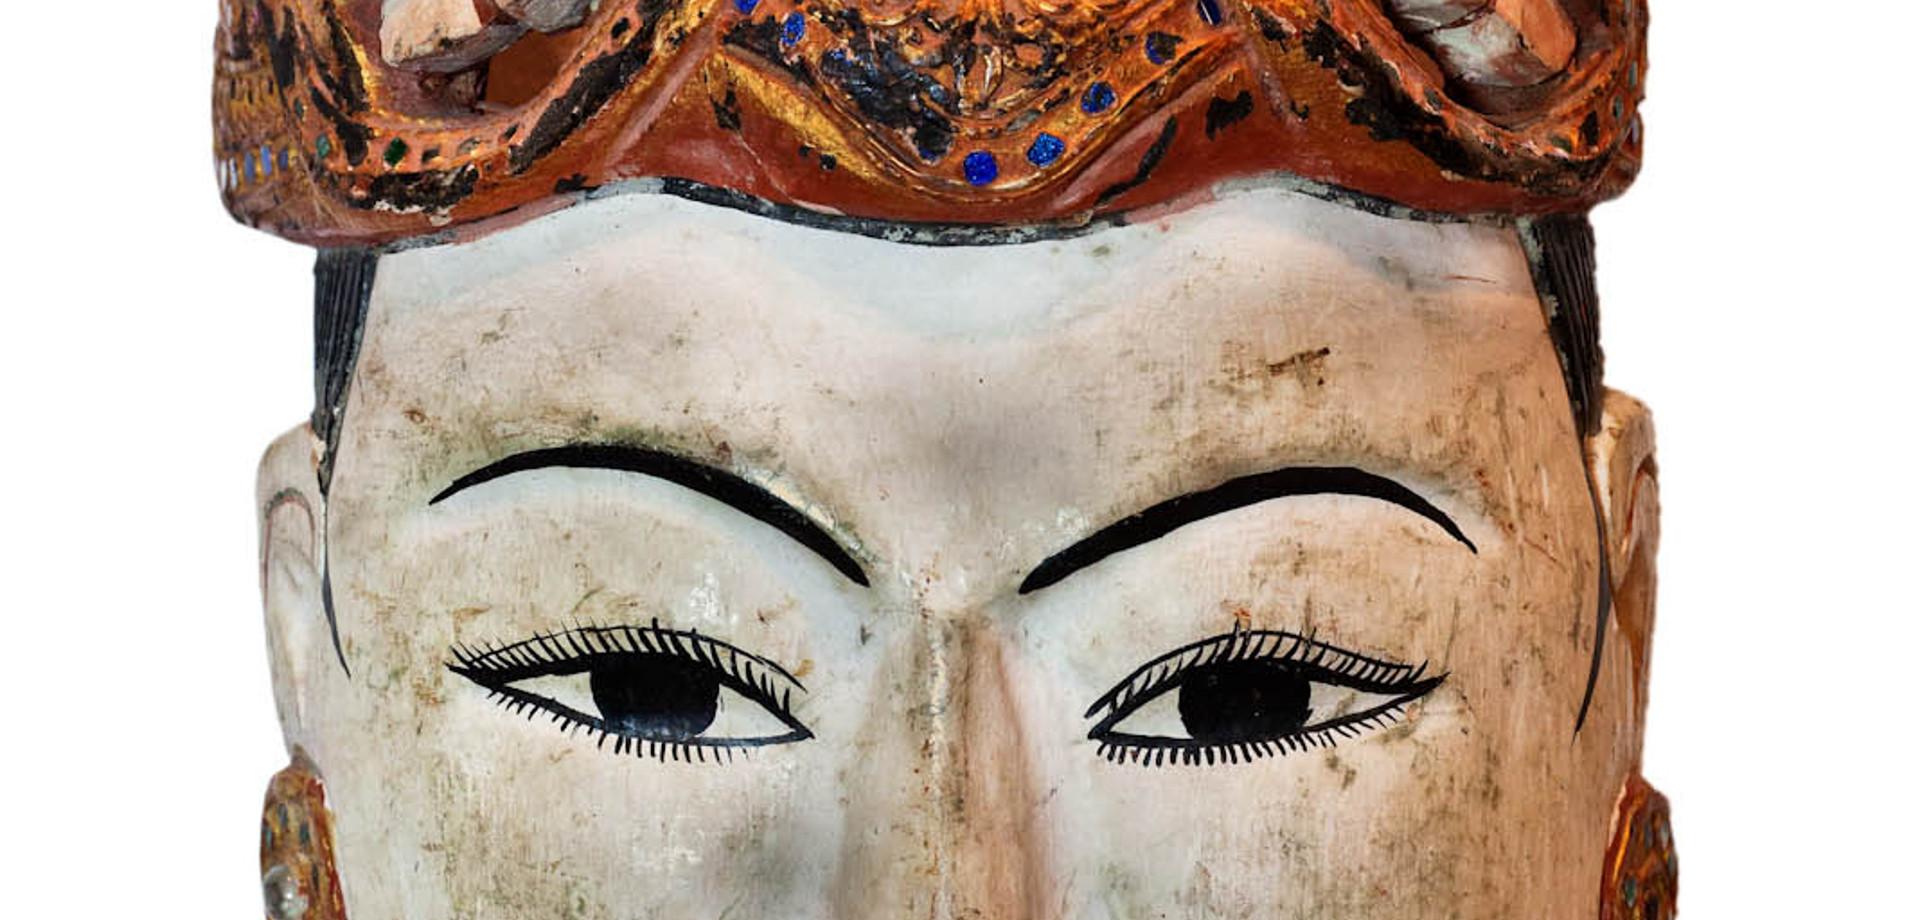 Έκθεση Τελετουργικών Μασκών από τη συλλογή Φώτη Καγγελάρη